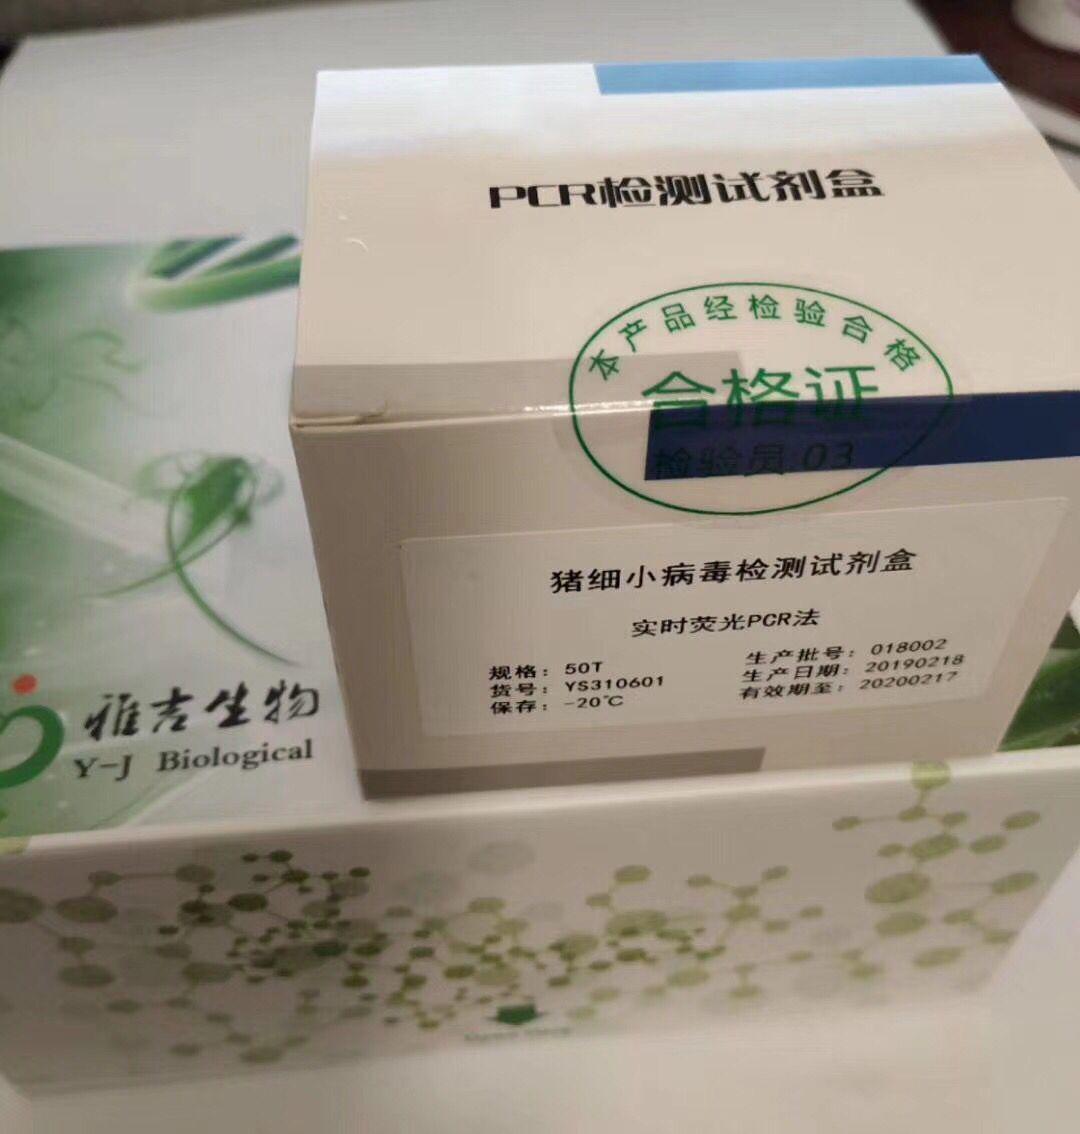 双酶一管式RT-PCR试剂盒(MMLV-Taq)(一步法RT试剂盒)91202-5050次790元  91202双酶一管式RT-PCR试剂盒